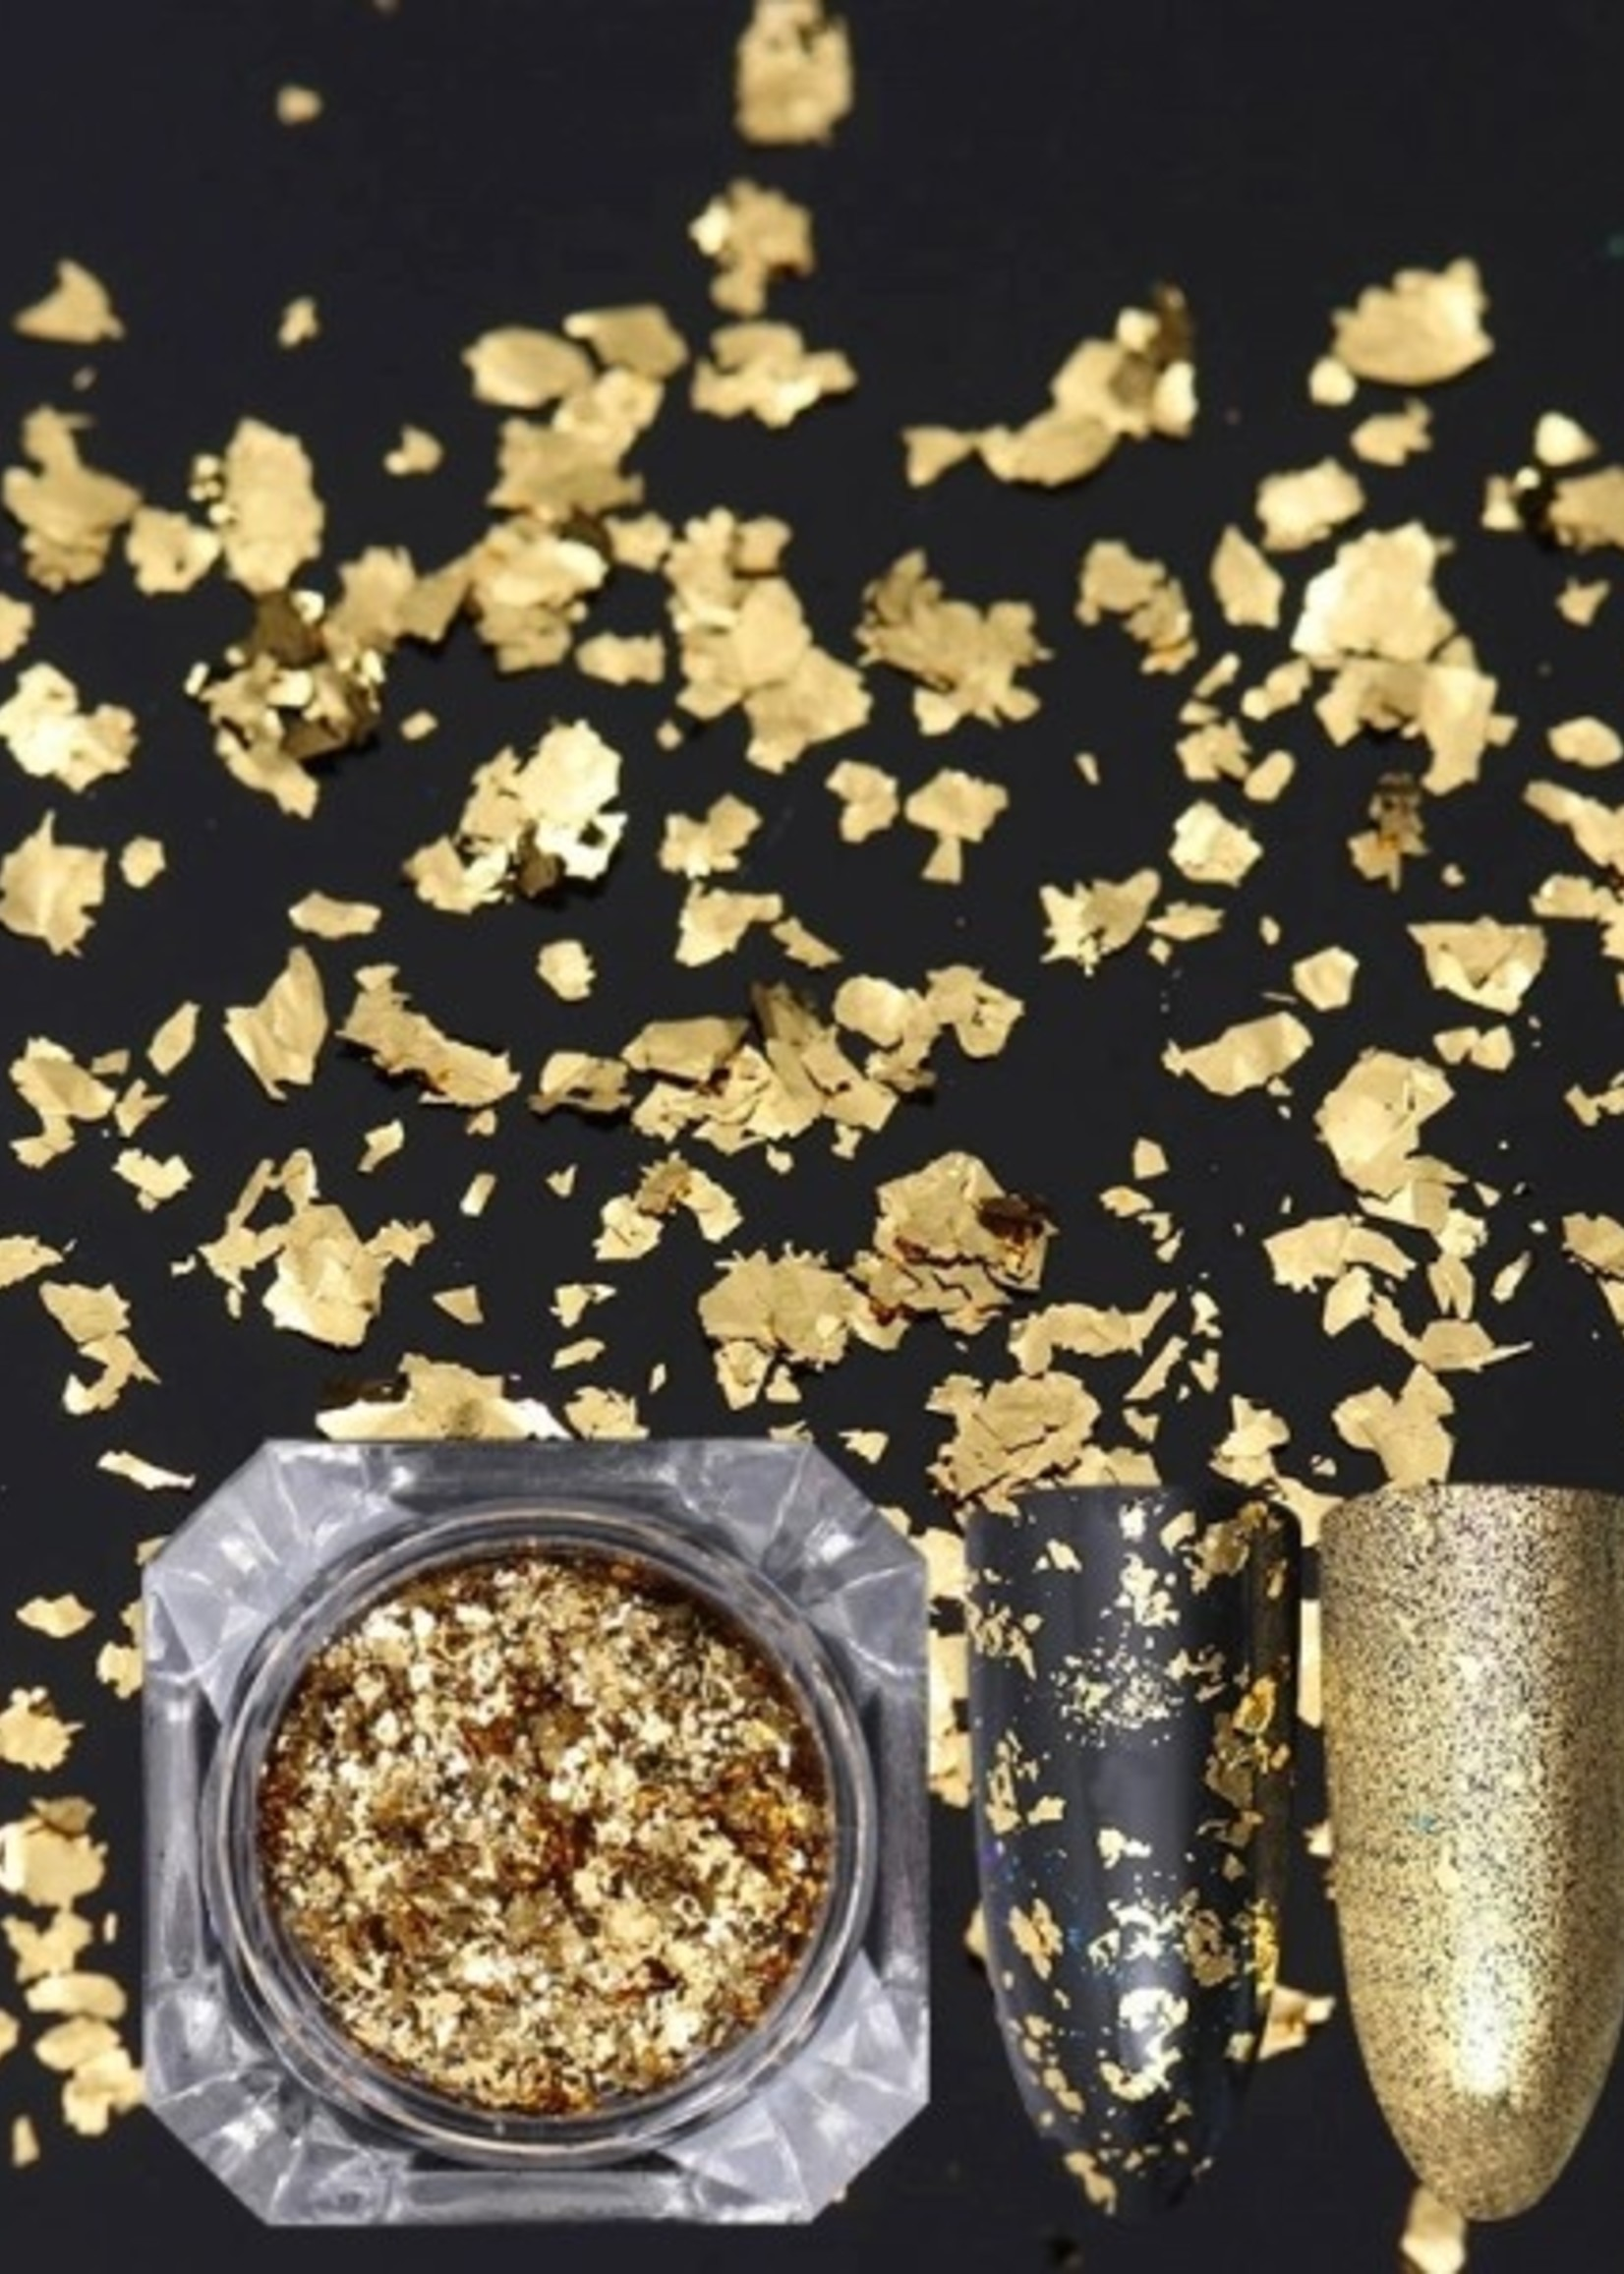 Glitter Queen 24 karaat gold flakes